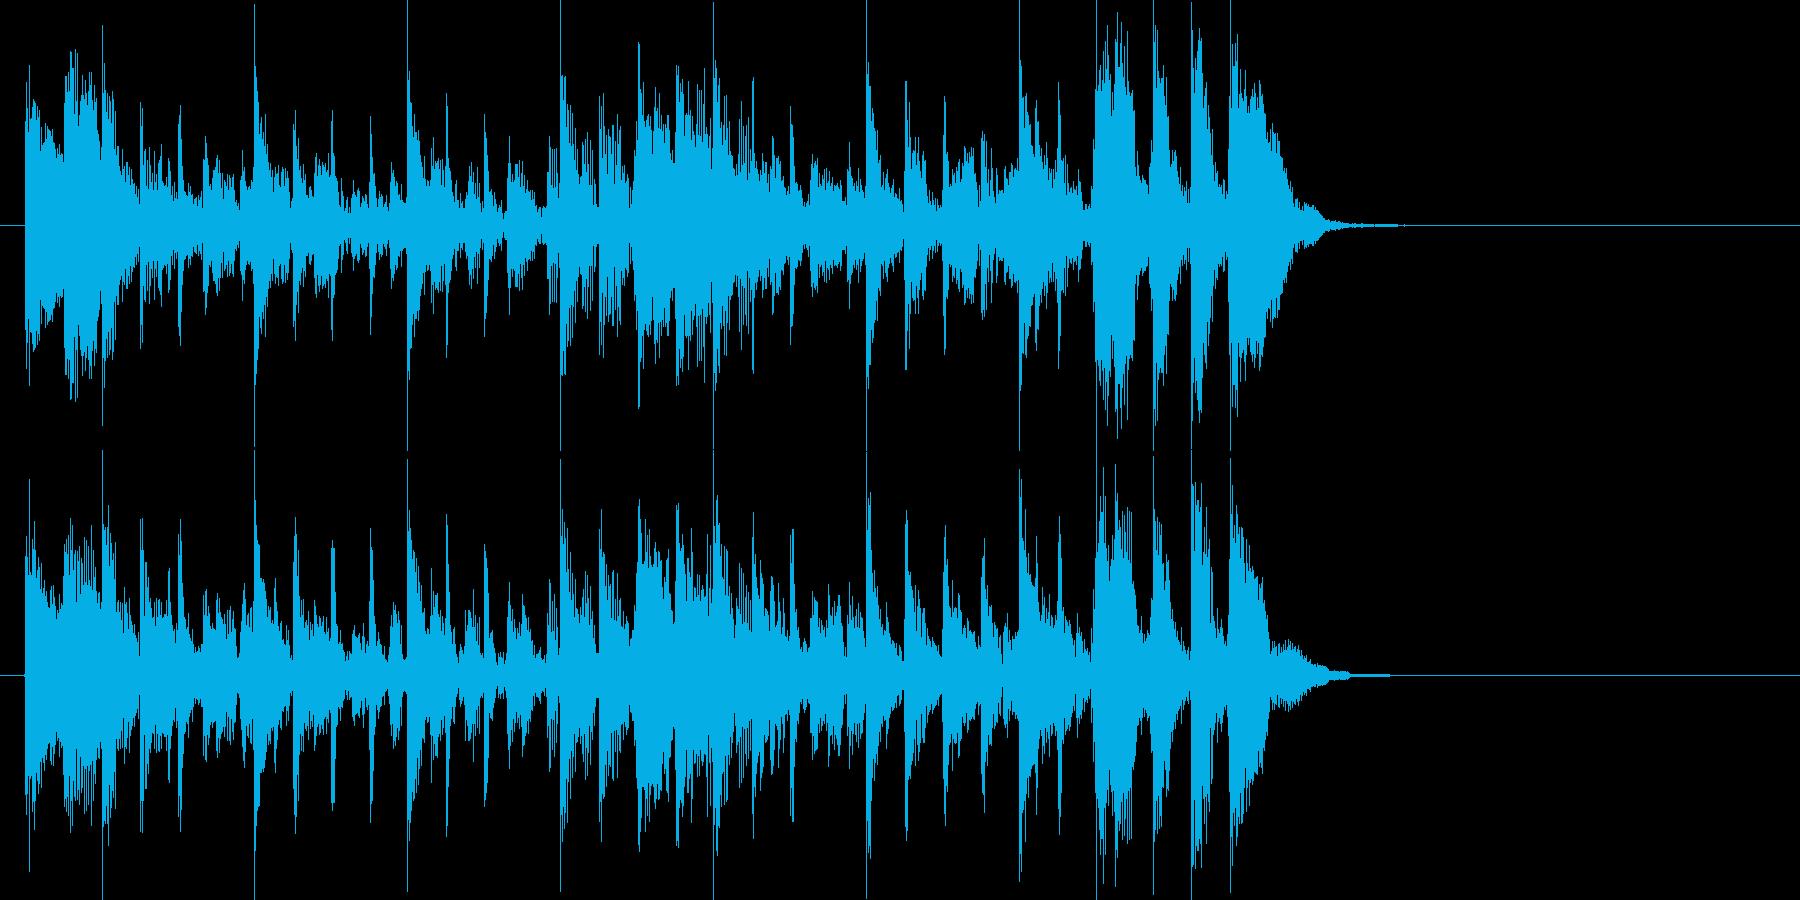 ベースラインが特徴的な淡々としたジングルの再生済みの波形